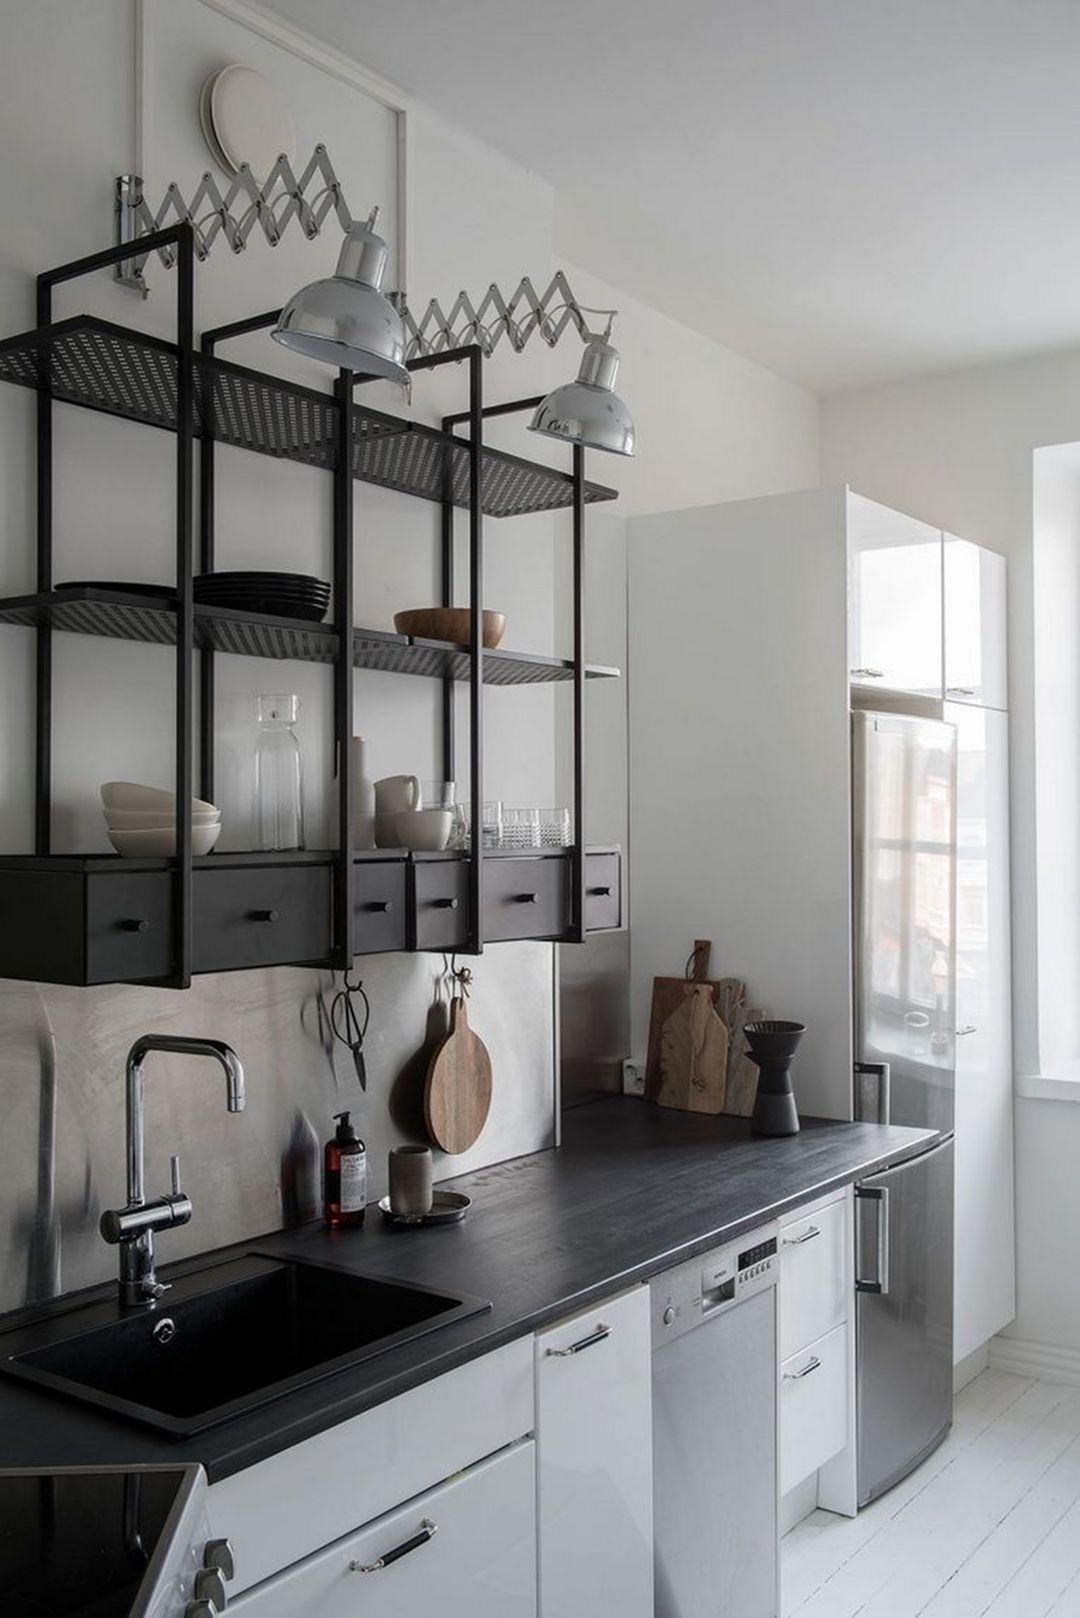 15 Wonderful Industrial Kitchen Shelf Design Ideas To Organize Your Kitchen Kitchen Shelf Design Industrial Kitchen Shelves Industrial Kitchen Design